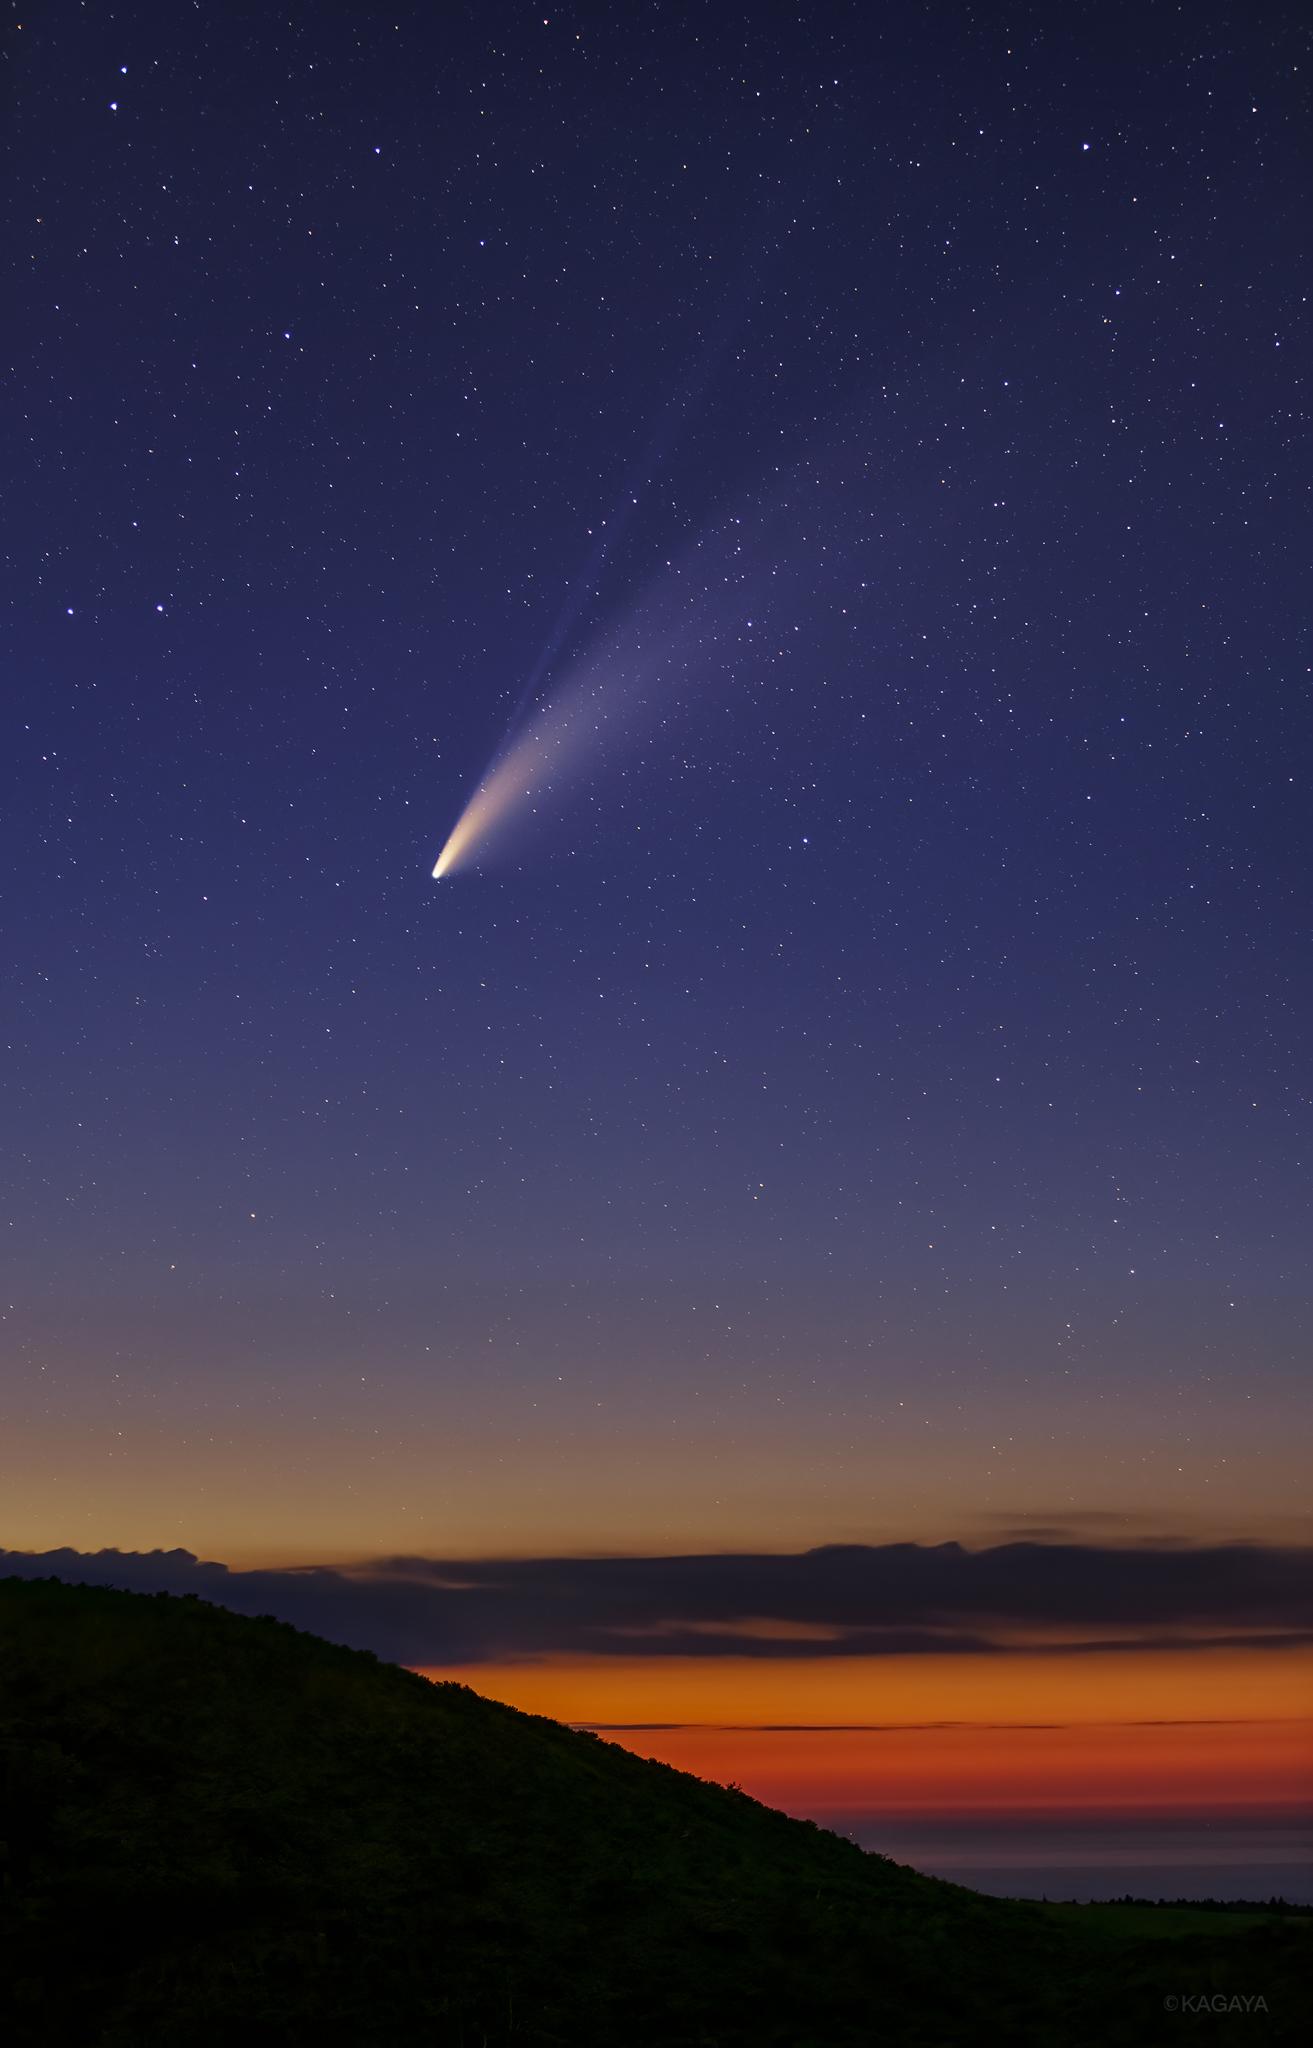 数千年の公転周期をもつネオワイズ彗星